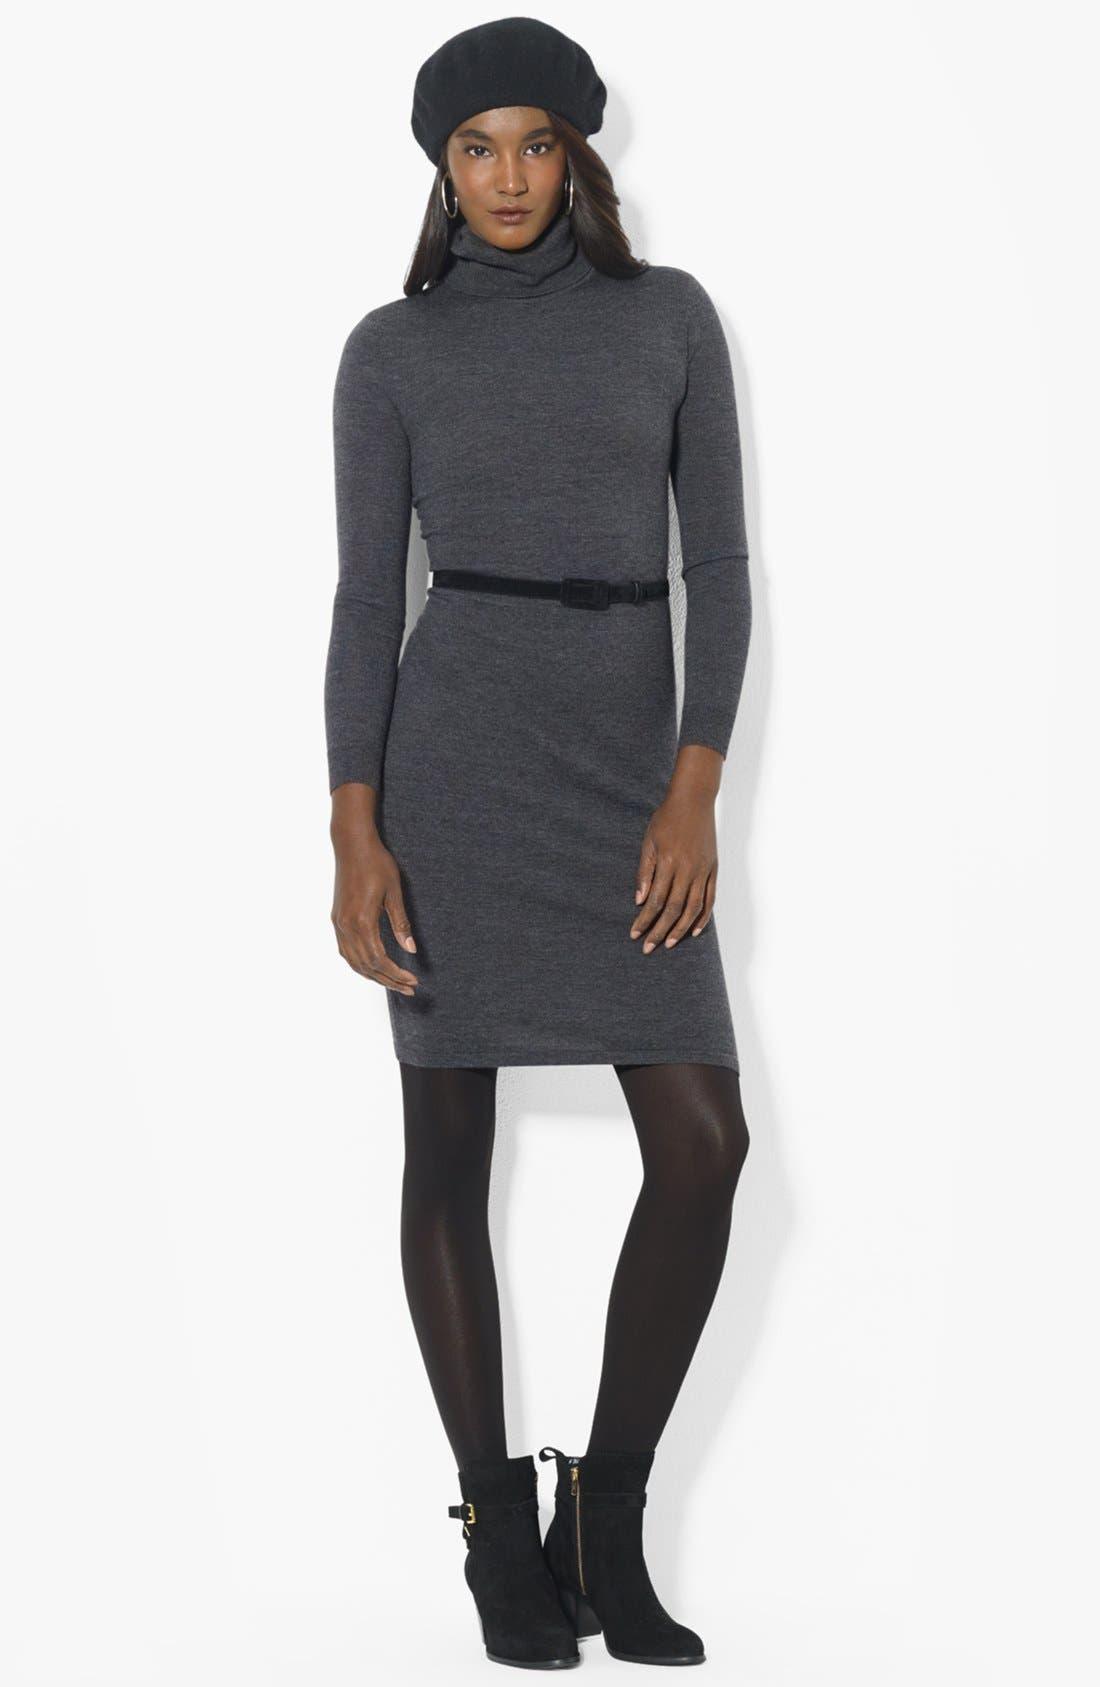 Alternate Image 1 Selected - Lauren Ralph Lauren Turtleneck Sweater Dress